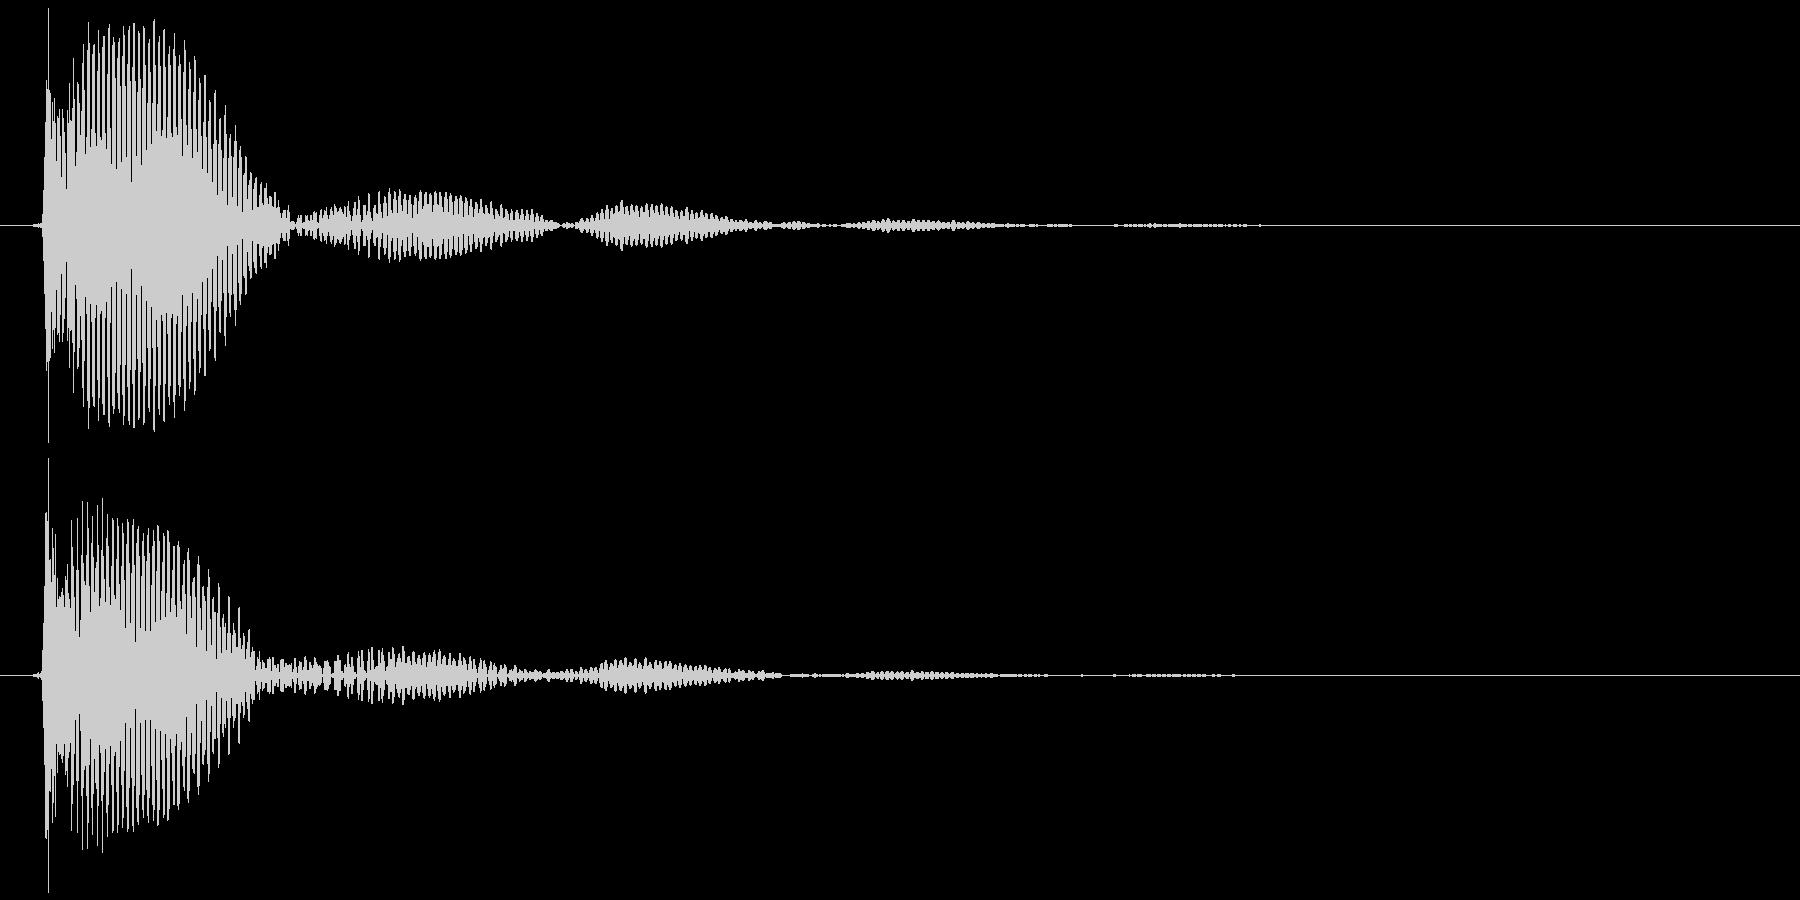 テレビ/ブラウン管 点灯カッ、ブオオン②の未再生の波形